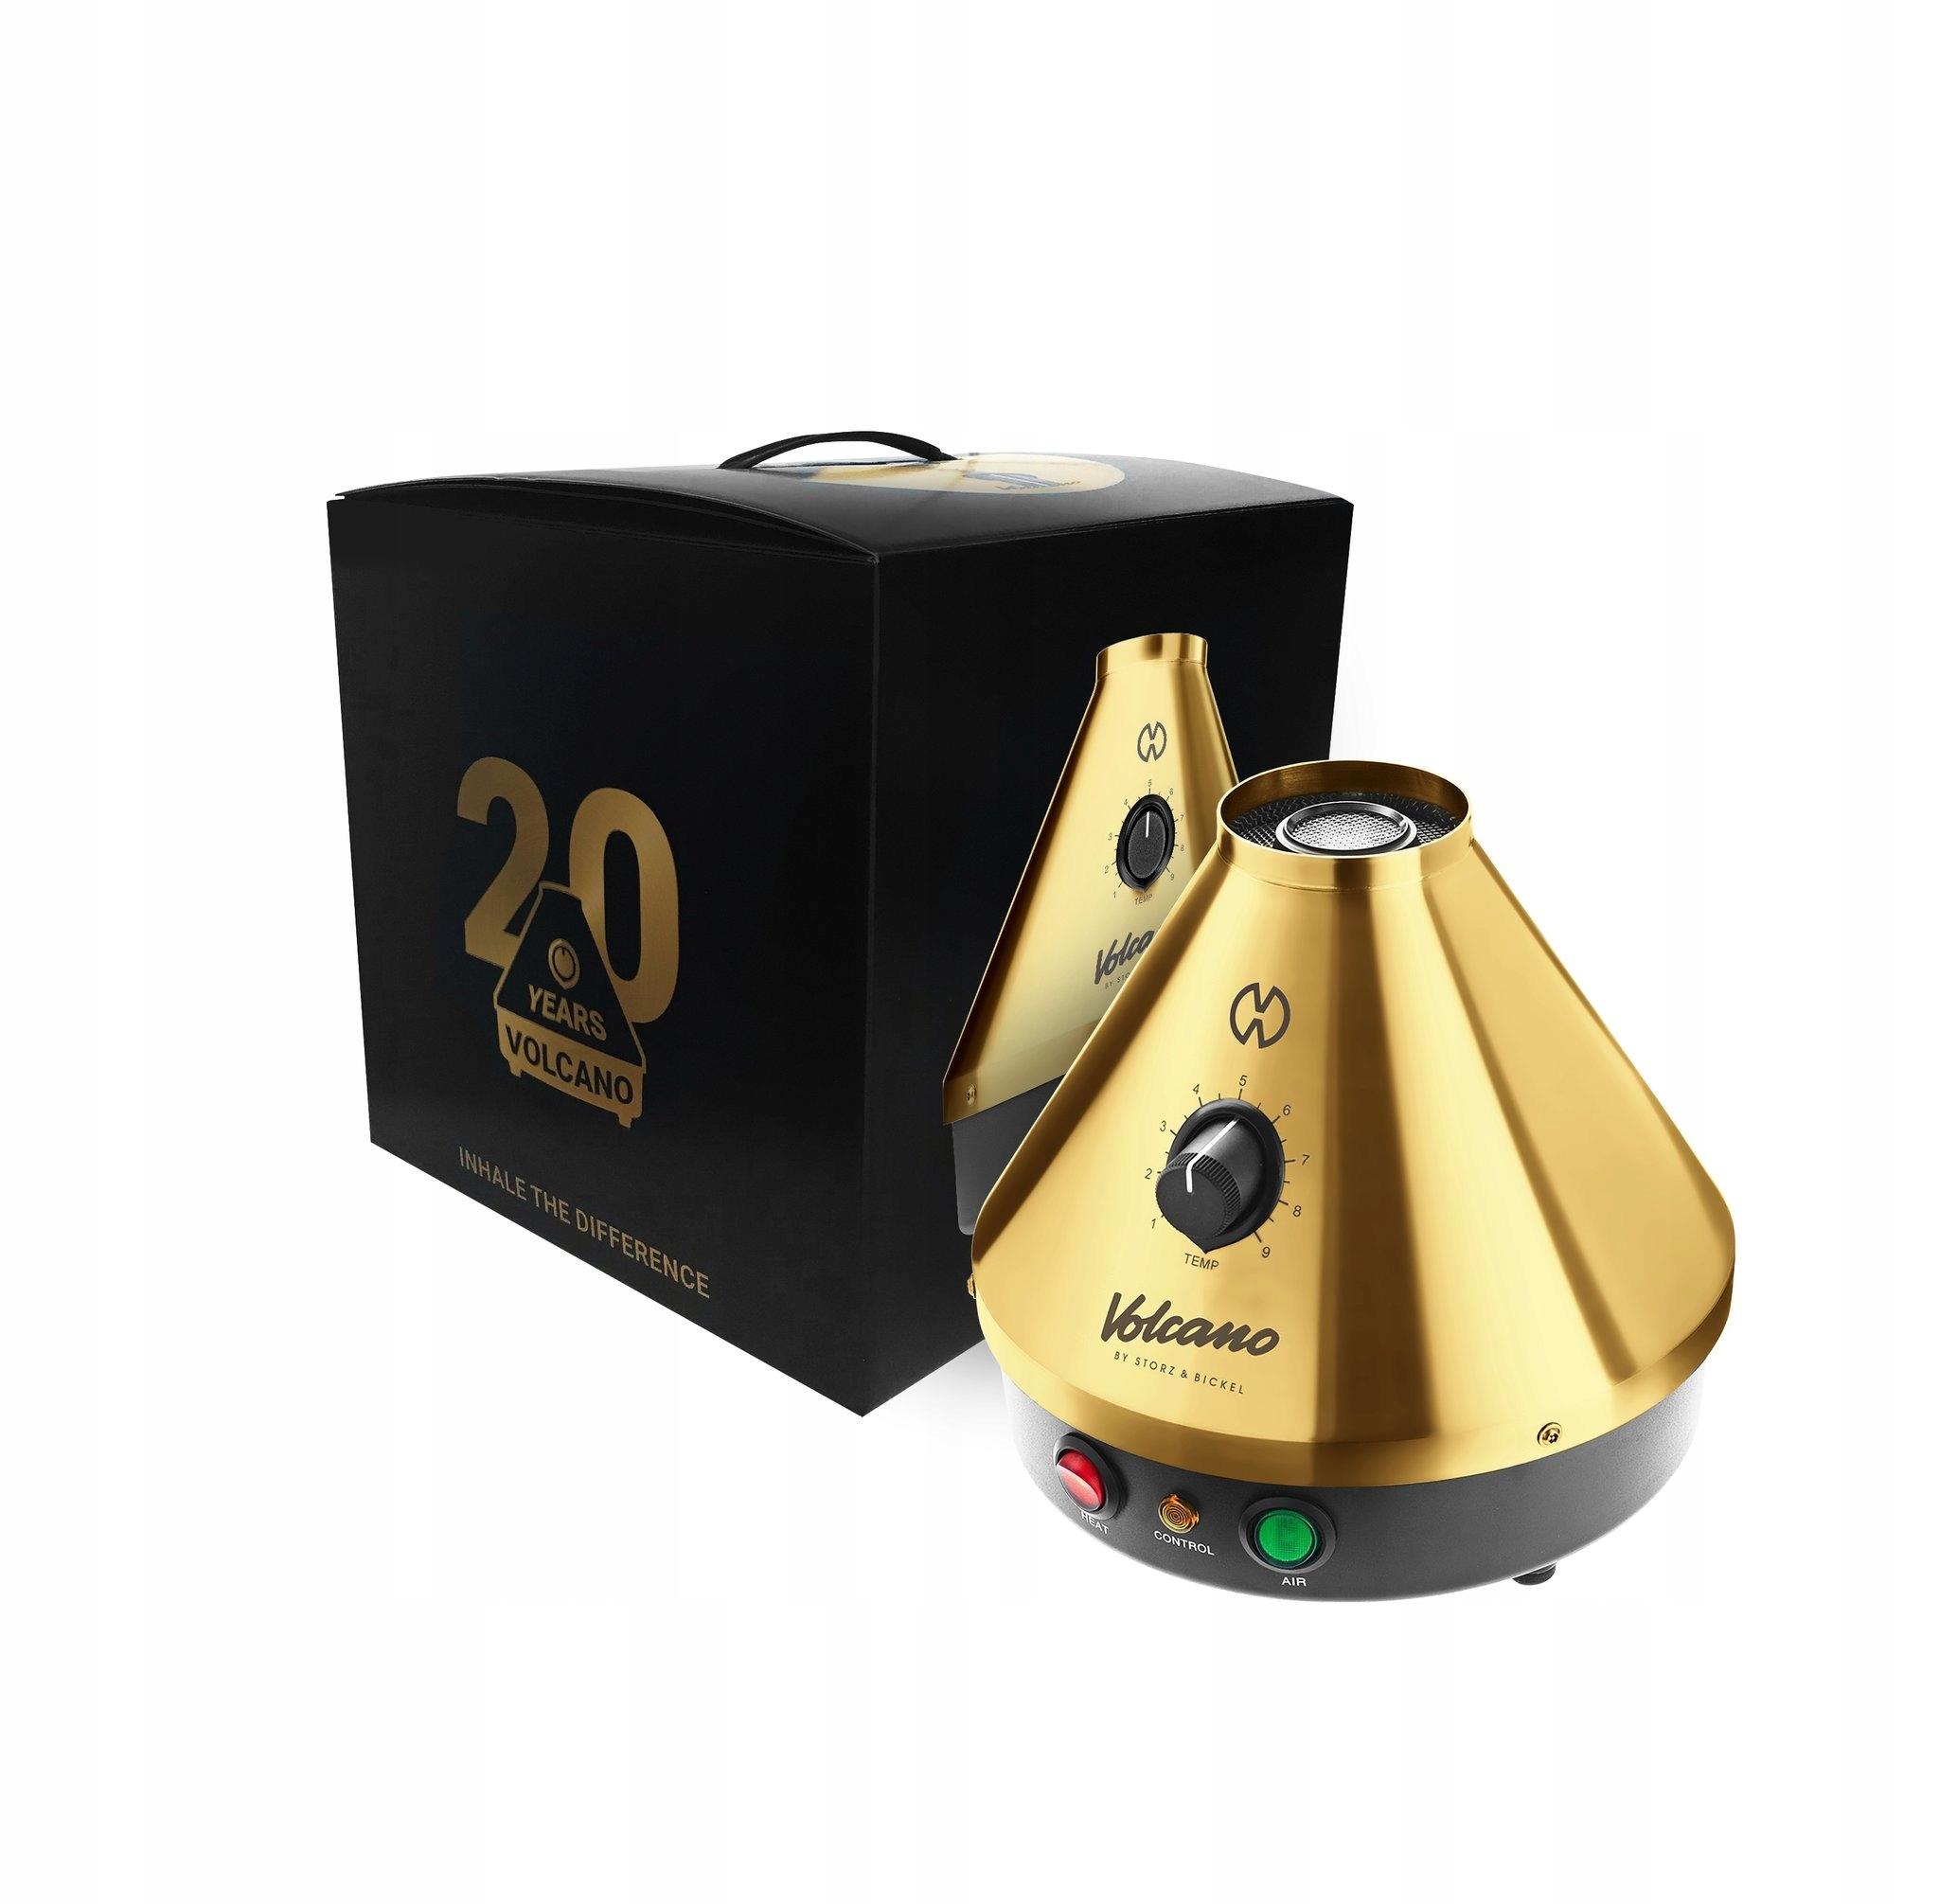 VOLCANO VAPORIZER CLASSIC лимитированная золотая серия